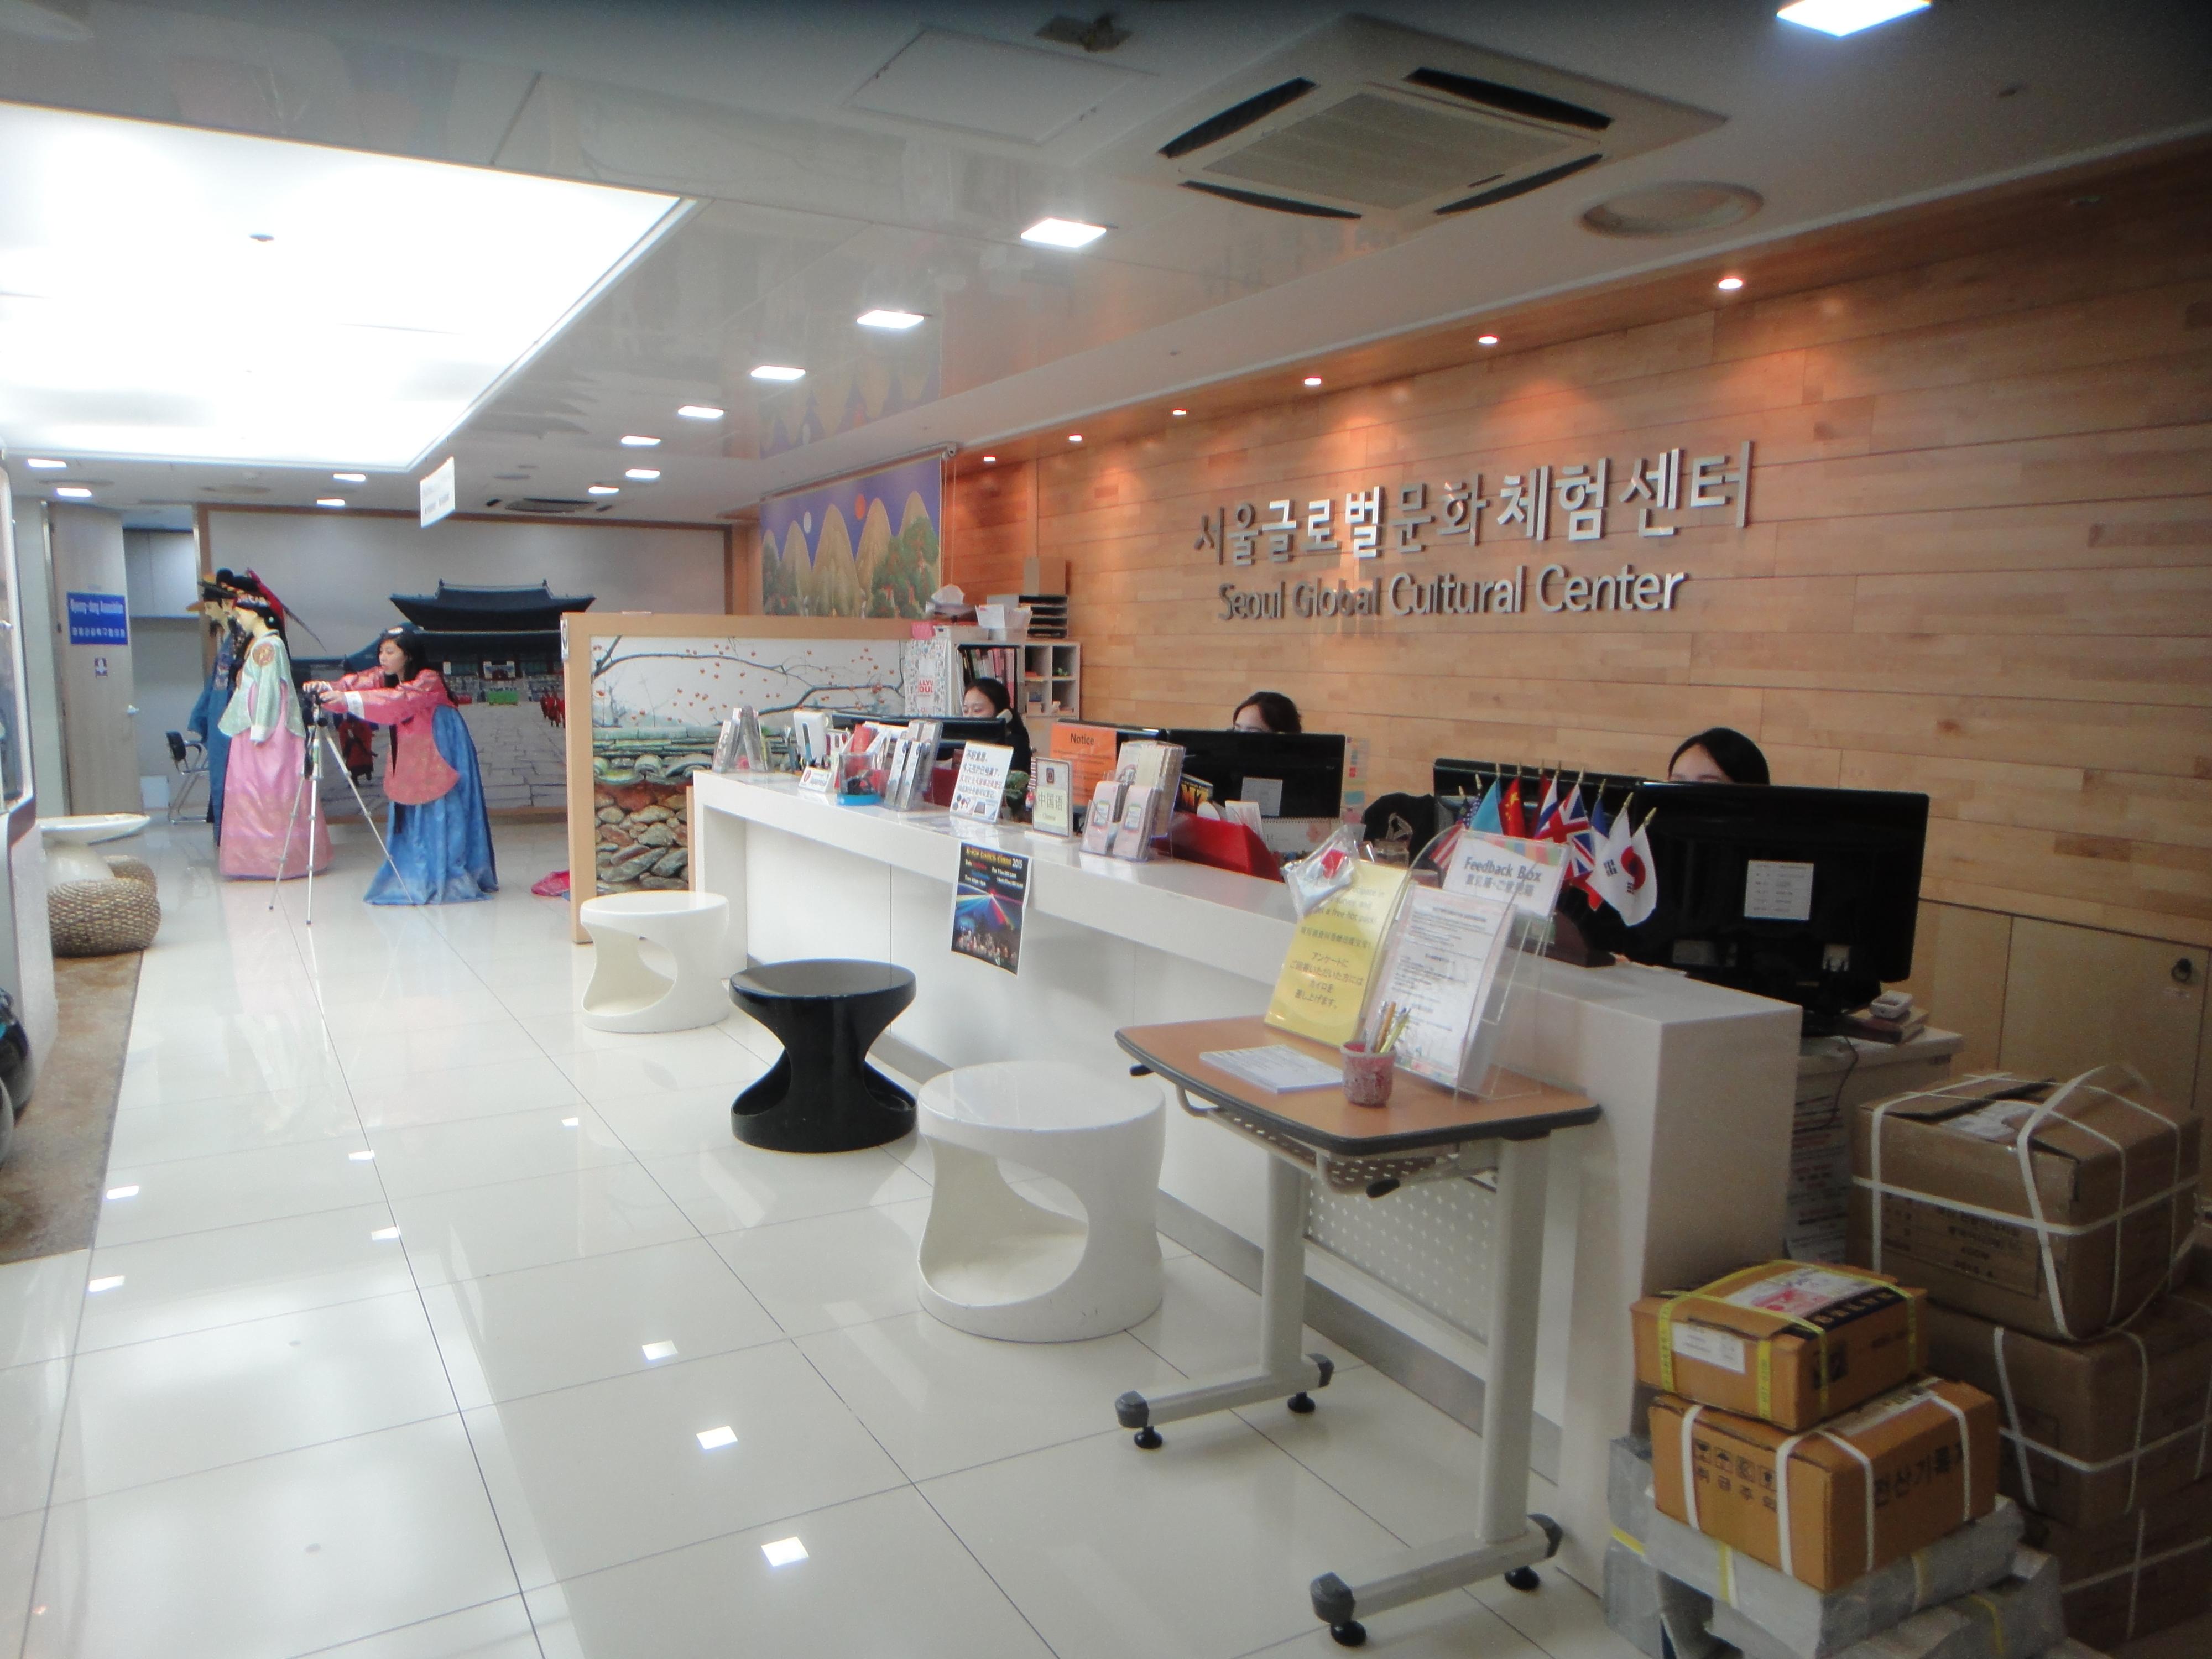 ☆☆ Seoul Global Cultural Center ☆☆